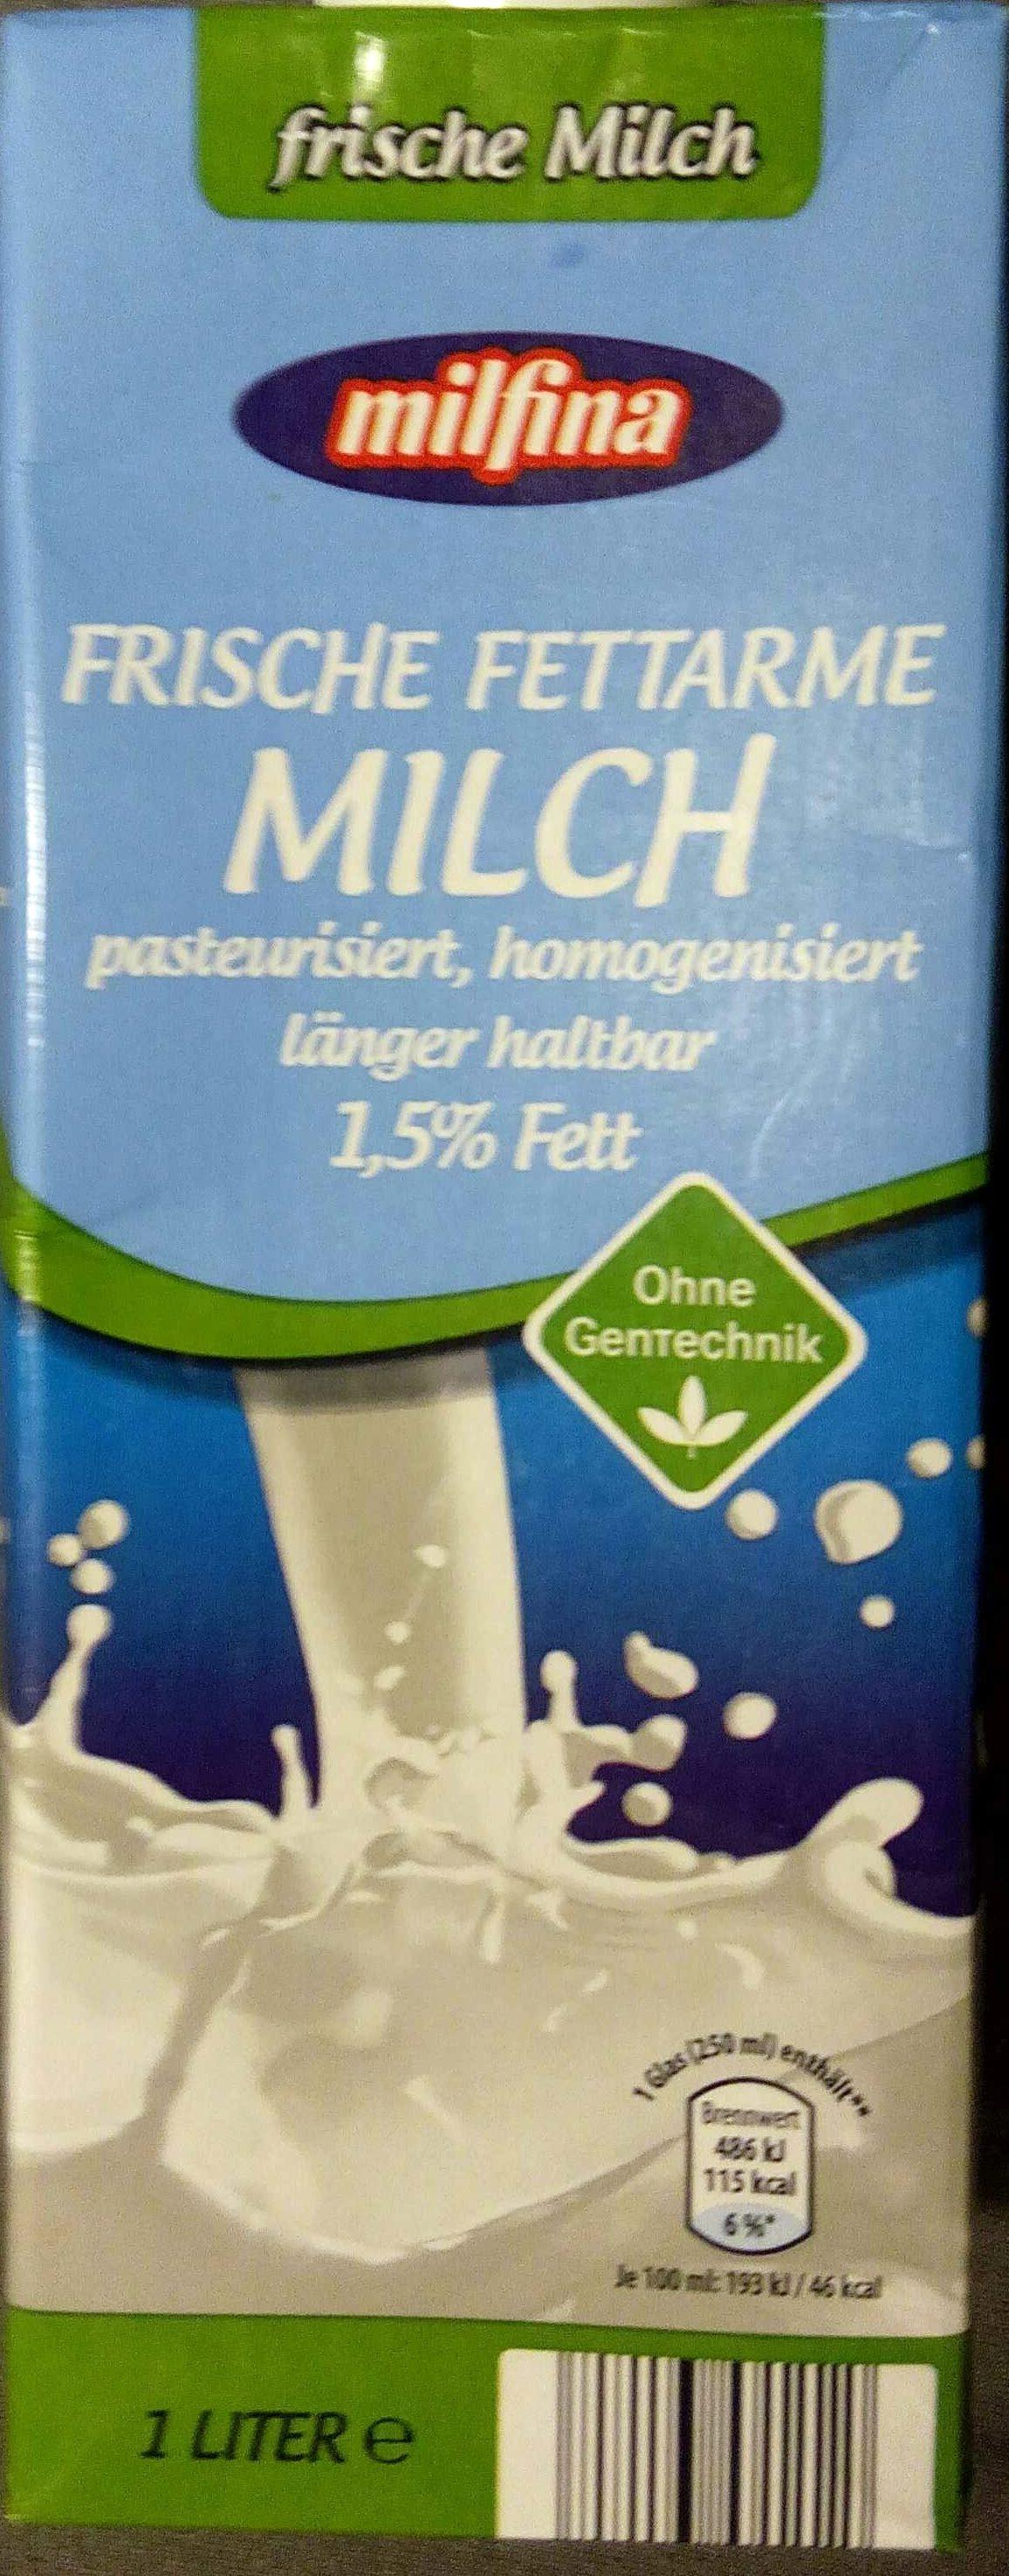 Frische fettarme Milch 1,5% - Produkt - de